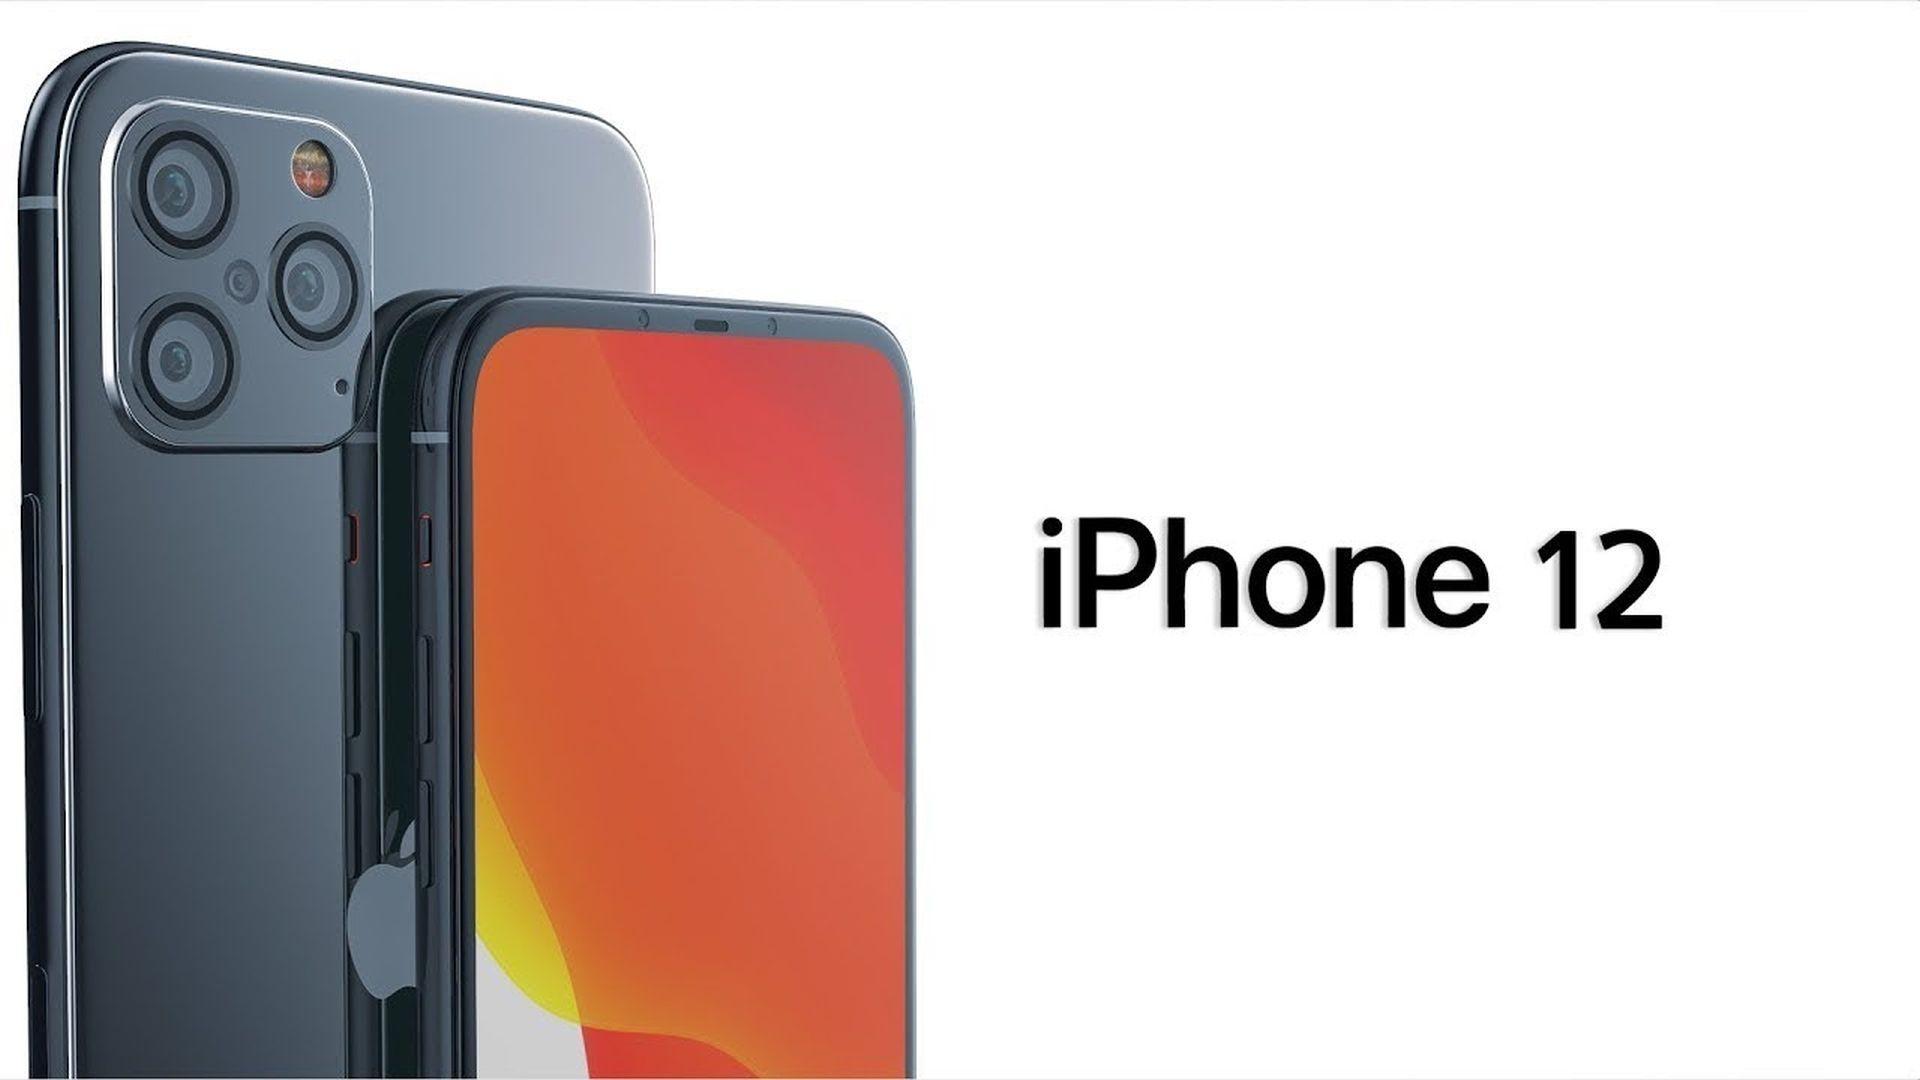 Prawdopodobny wygląd iPhone'a 12 bez wcięcia w ekranie